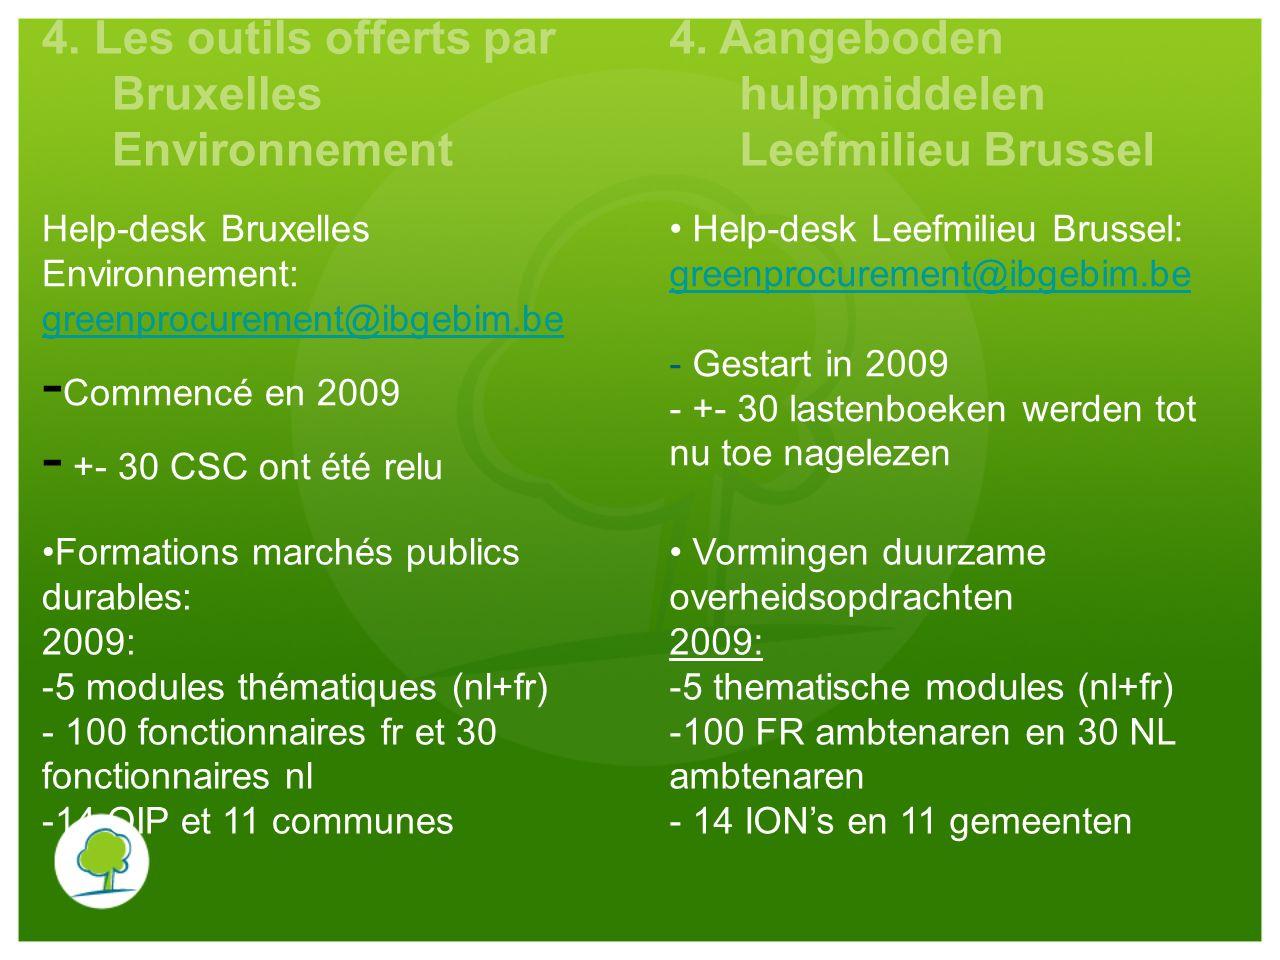 4. Les outils offerts par Bruxelles Environnement